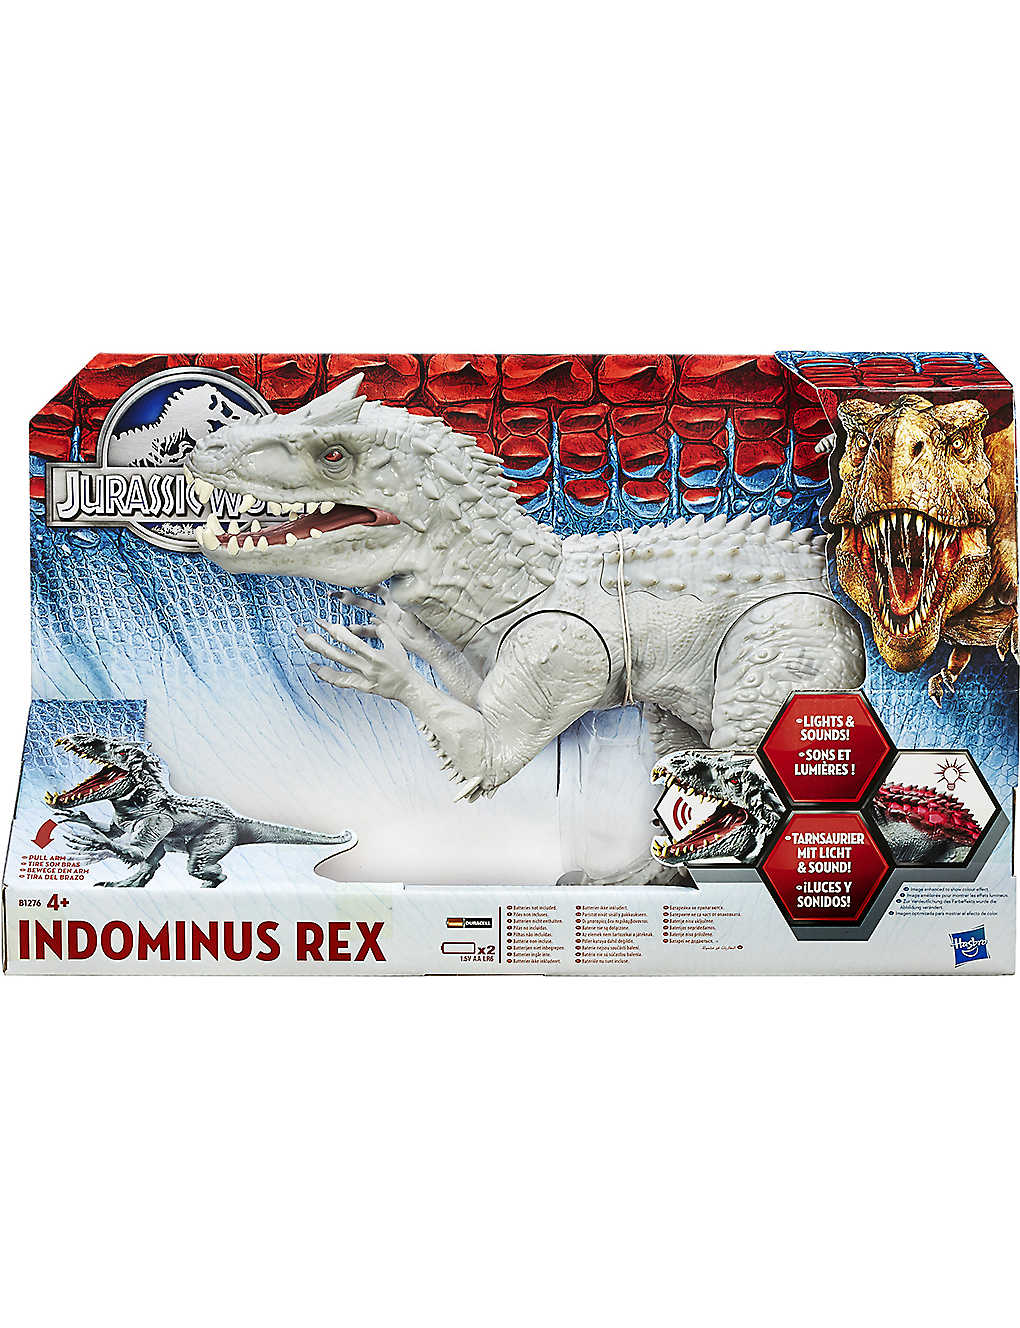 Dinosaur Jurassic World Indominus Toy Rex oedBCx